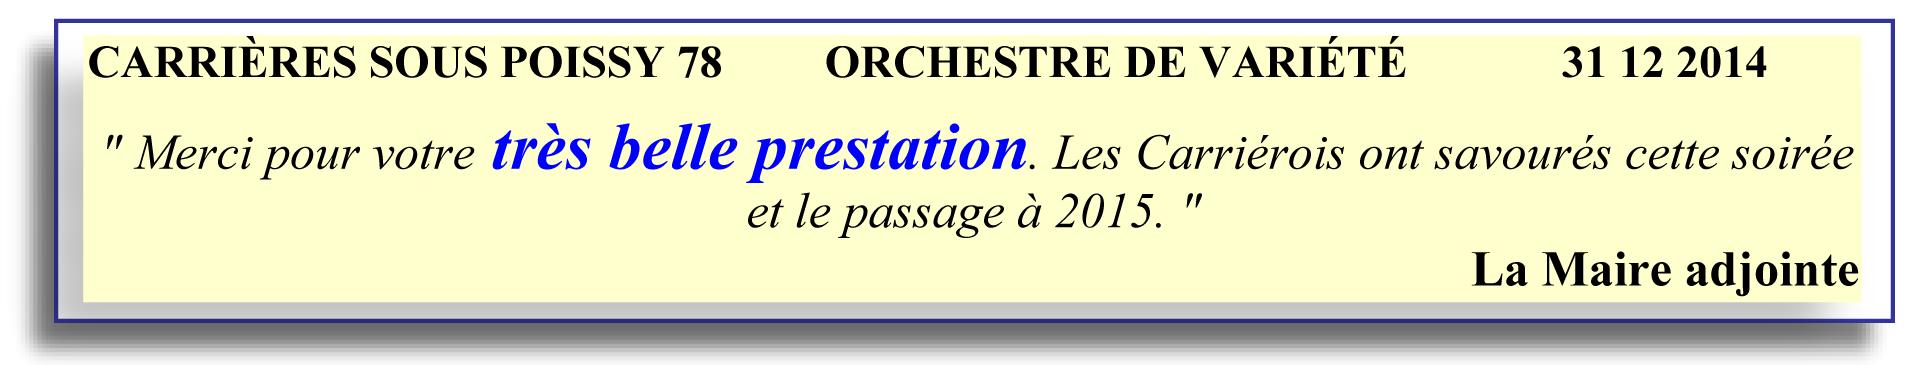 2014-12-31 - Carrières sous poissy 78